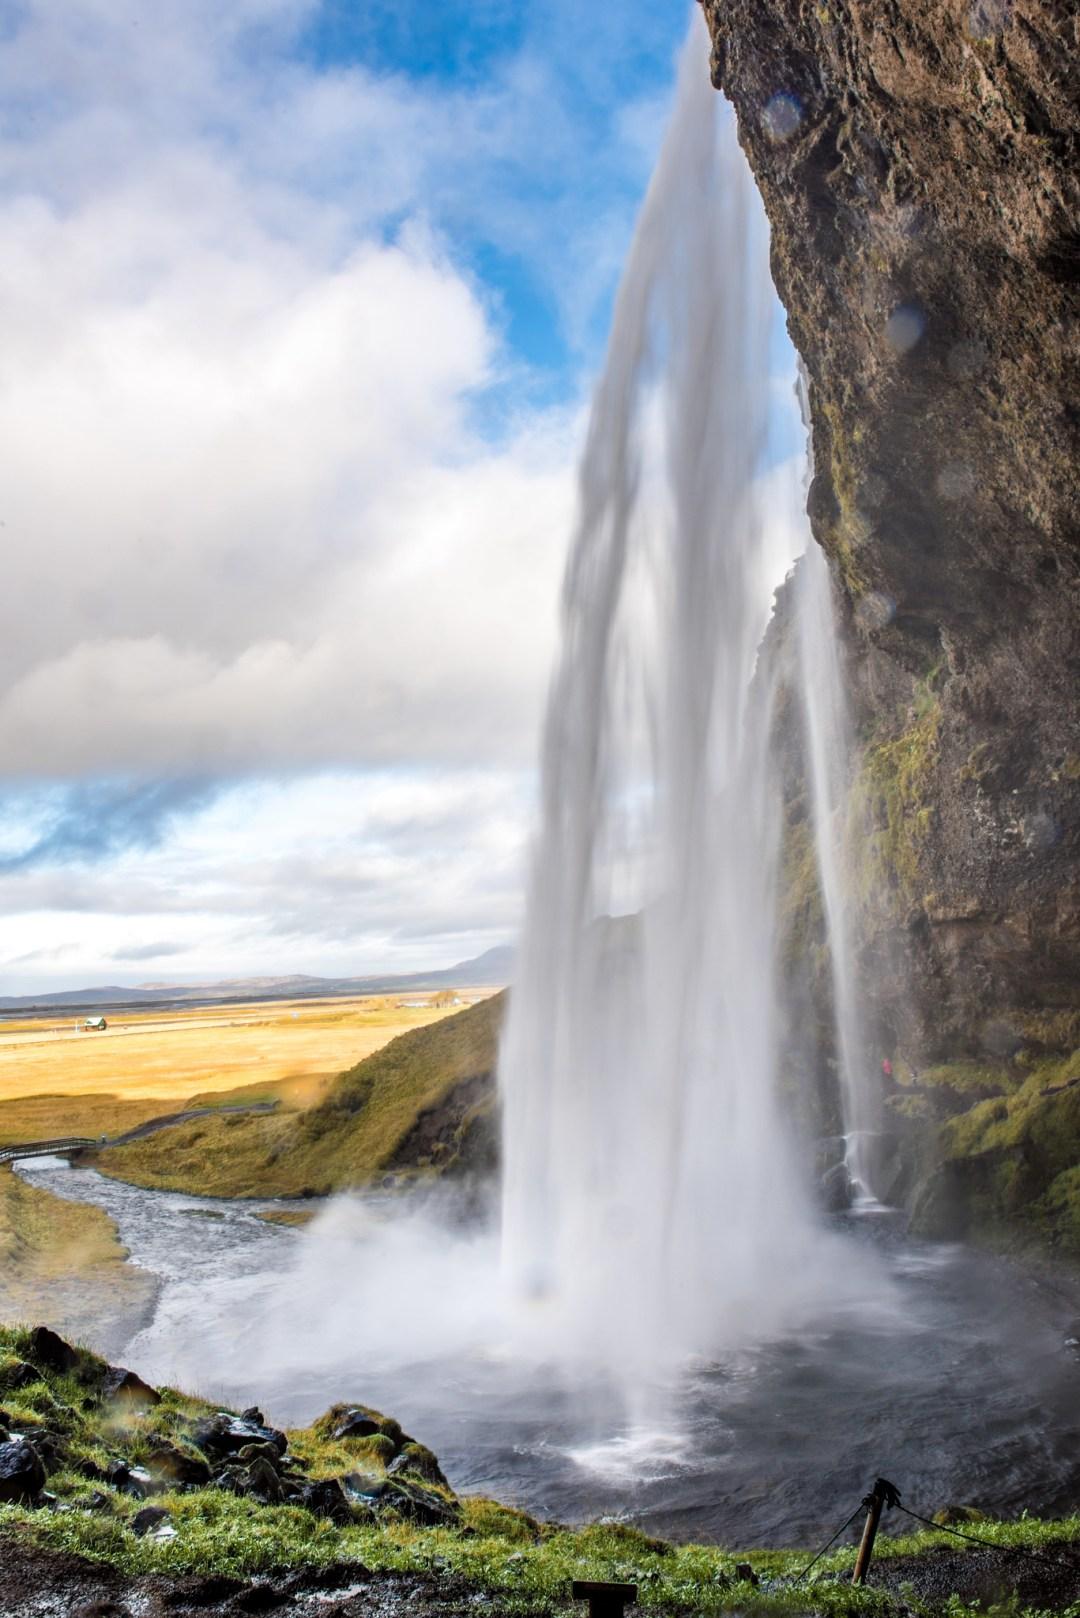 Seljalandsfoss, Iceland 冰島 西爾佳蘭地瀑布